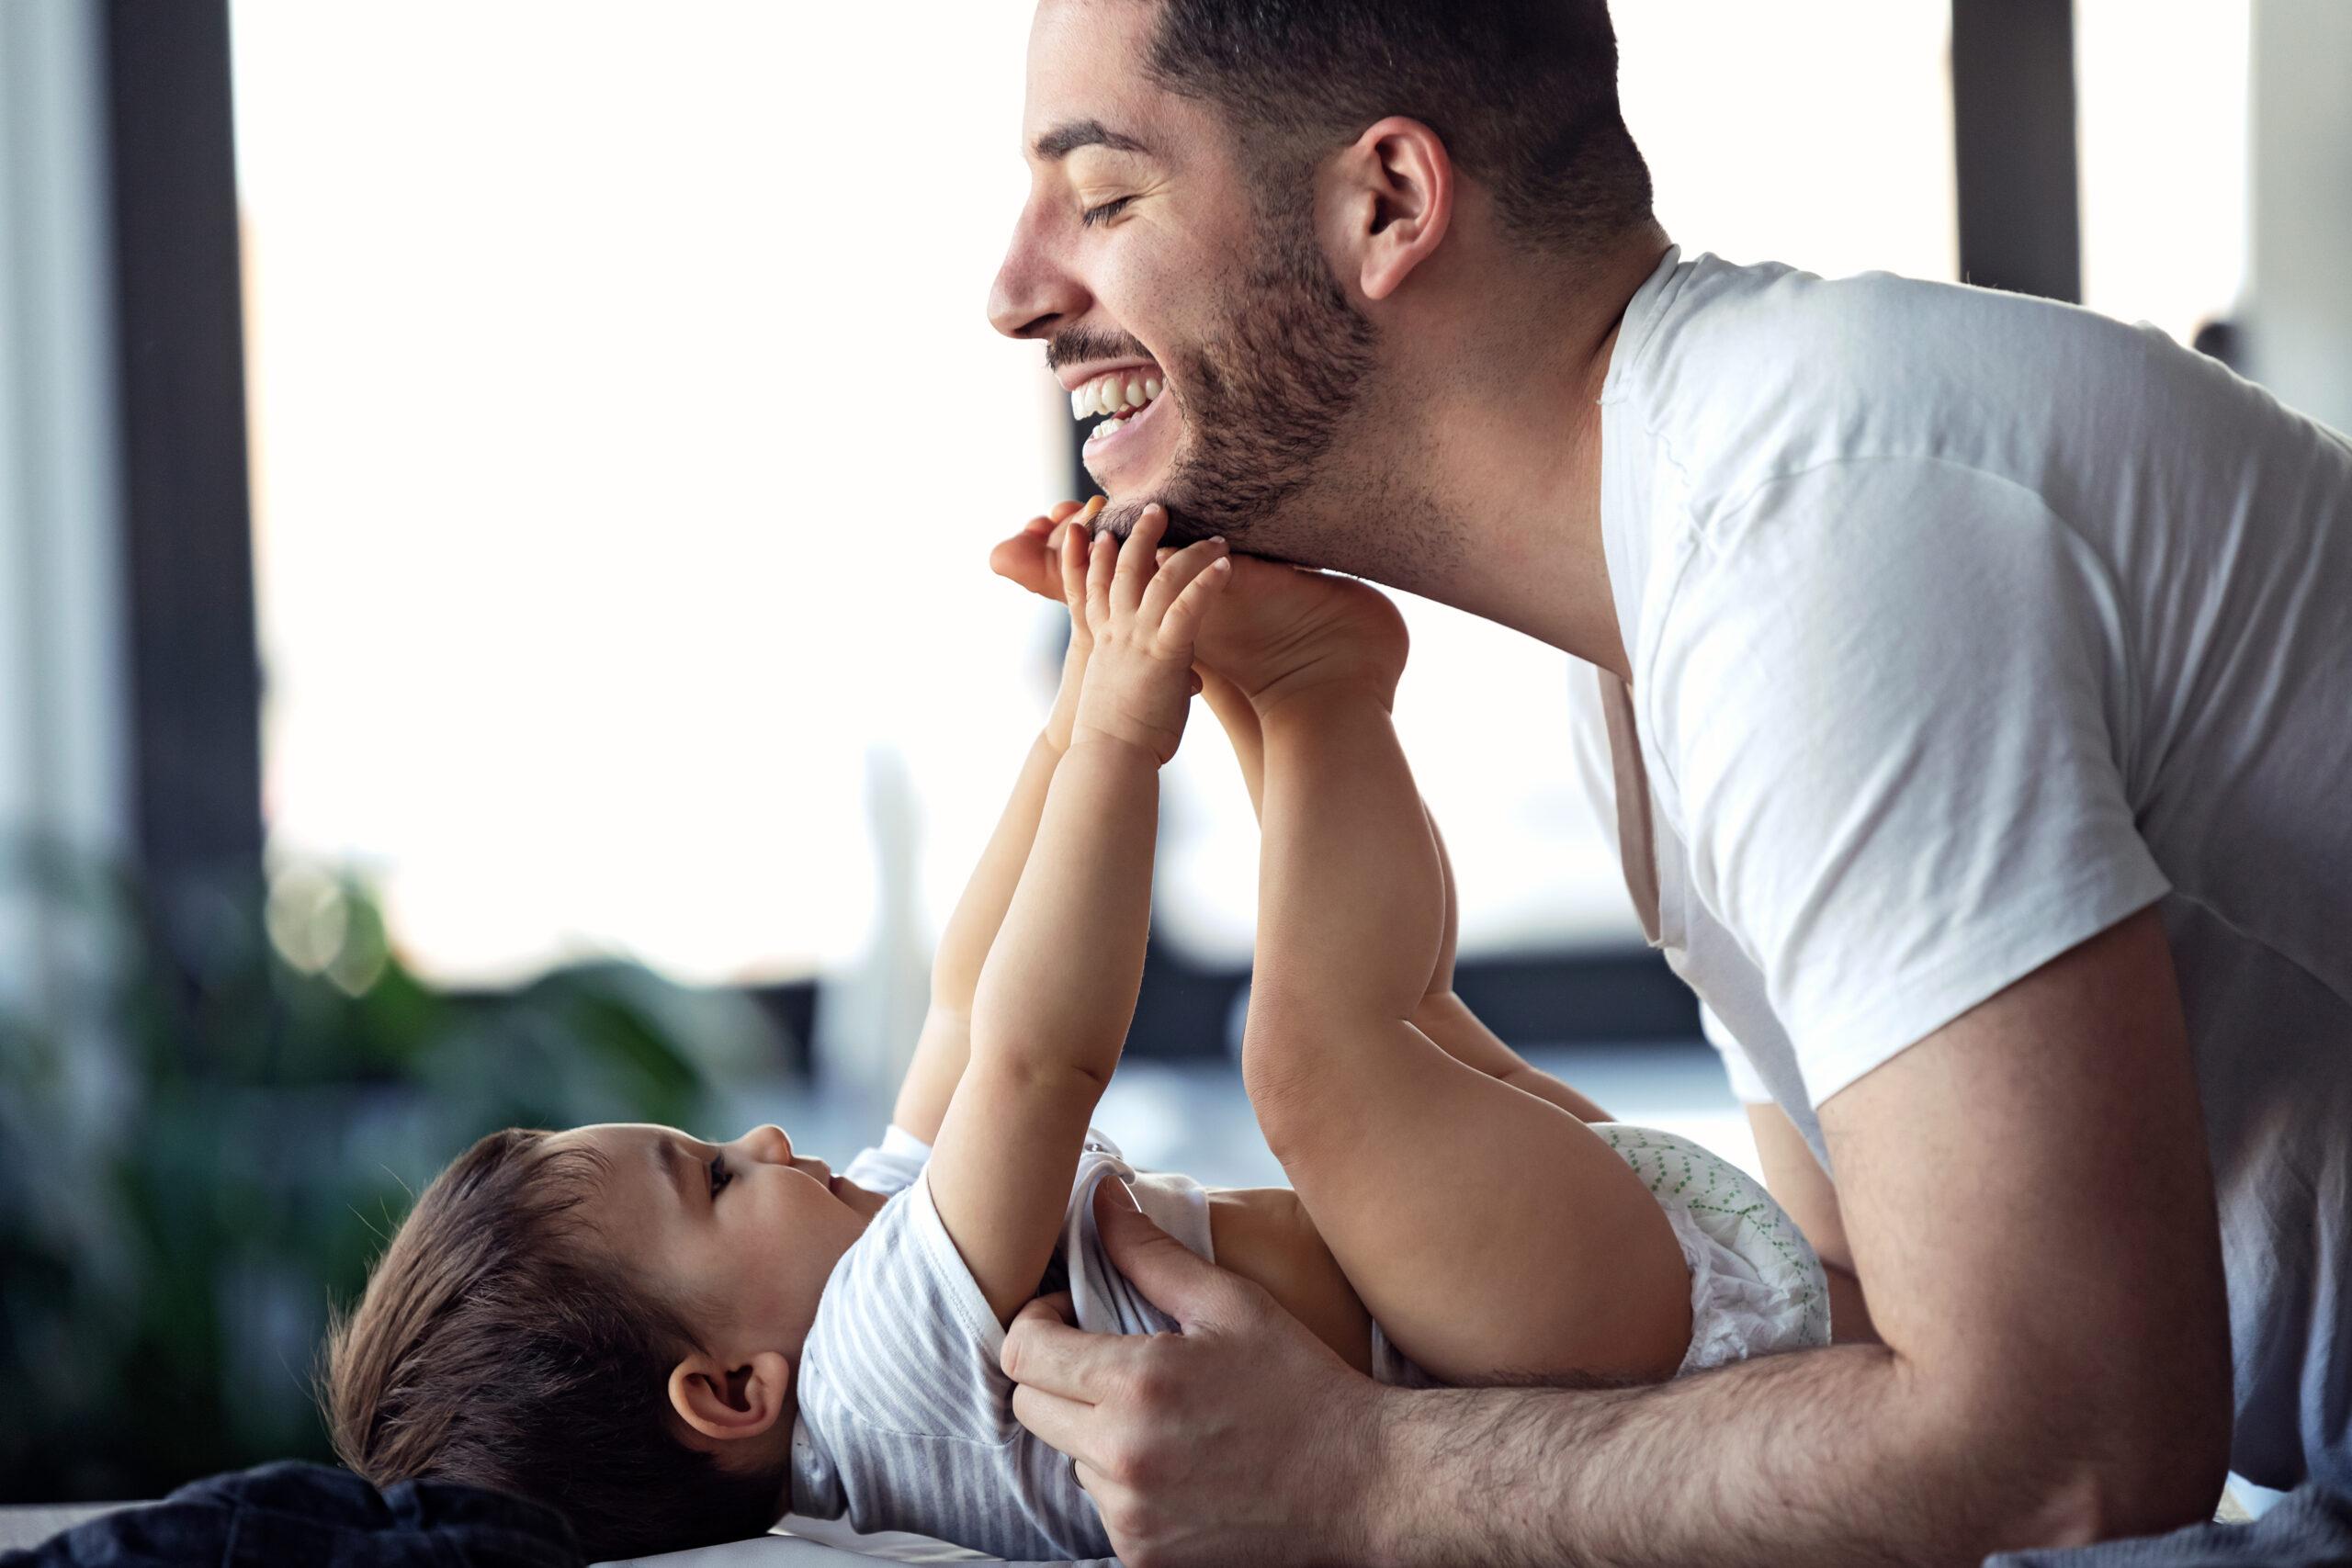 Un homme et un bébé passent un moment de joie ensemble